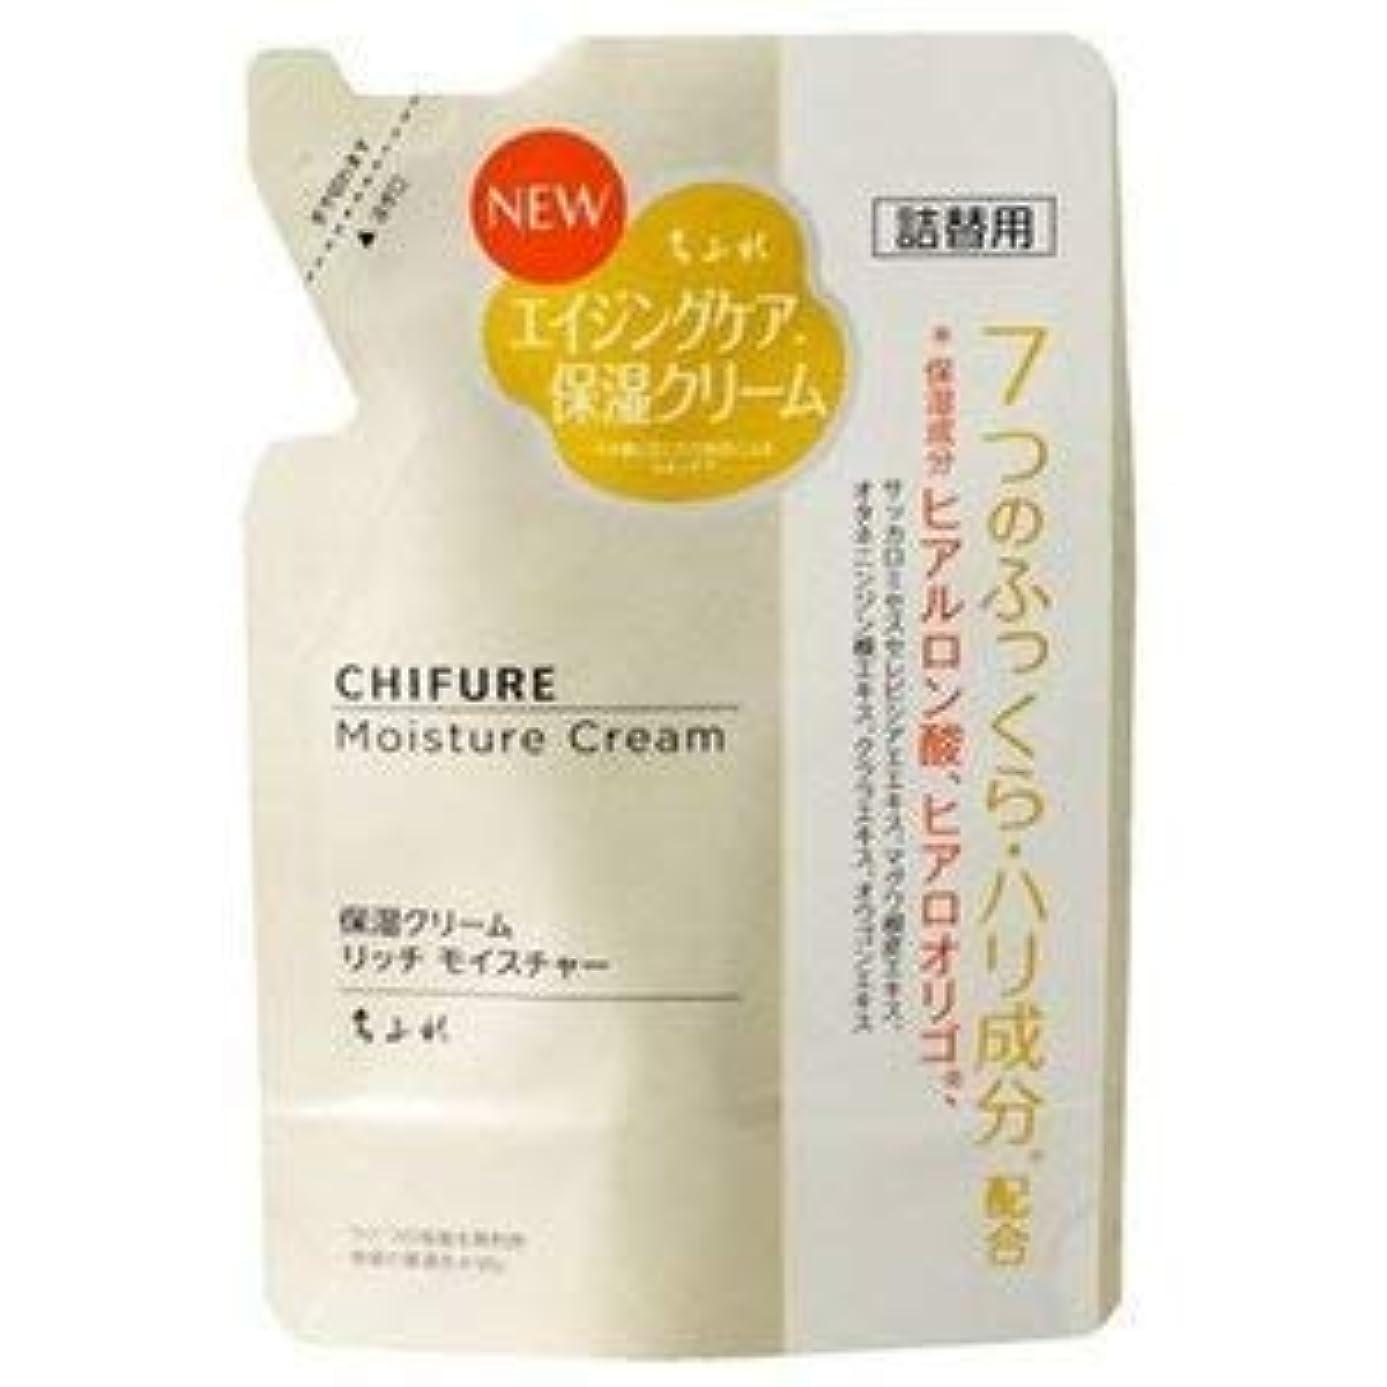 ちふれ化粧品 保湿クリーム リッチモイスチャータイプ 54g (詰替)